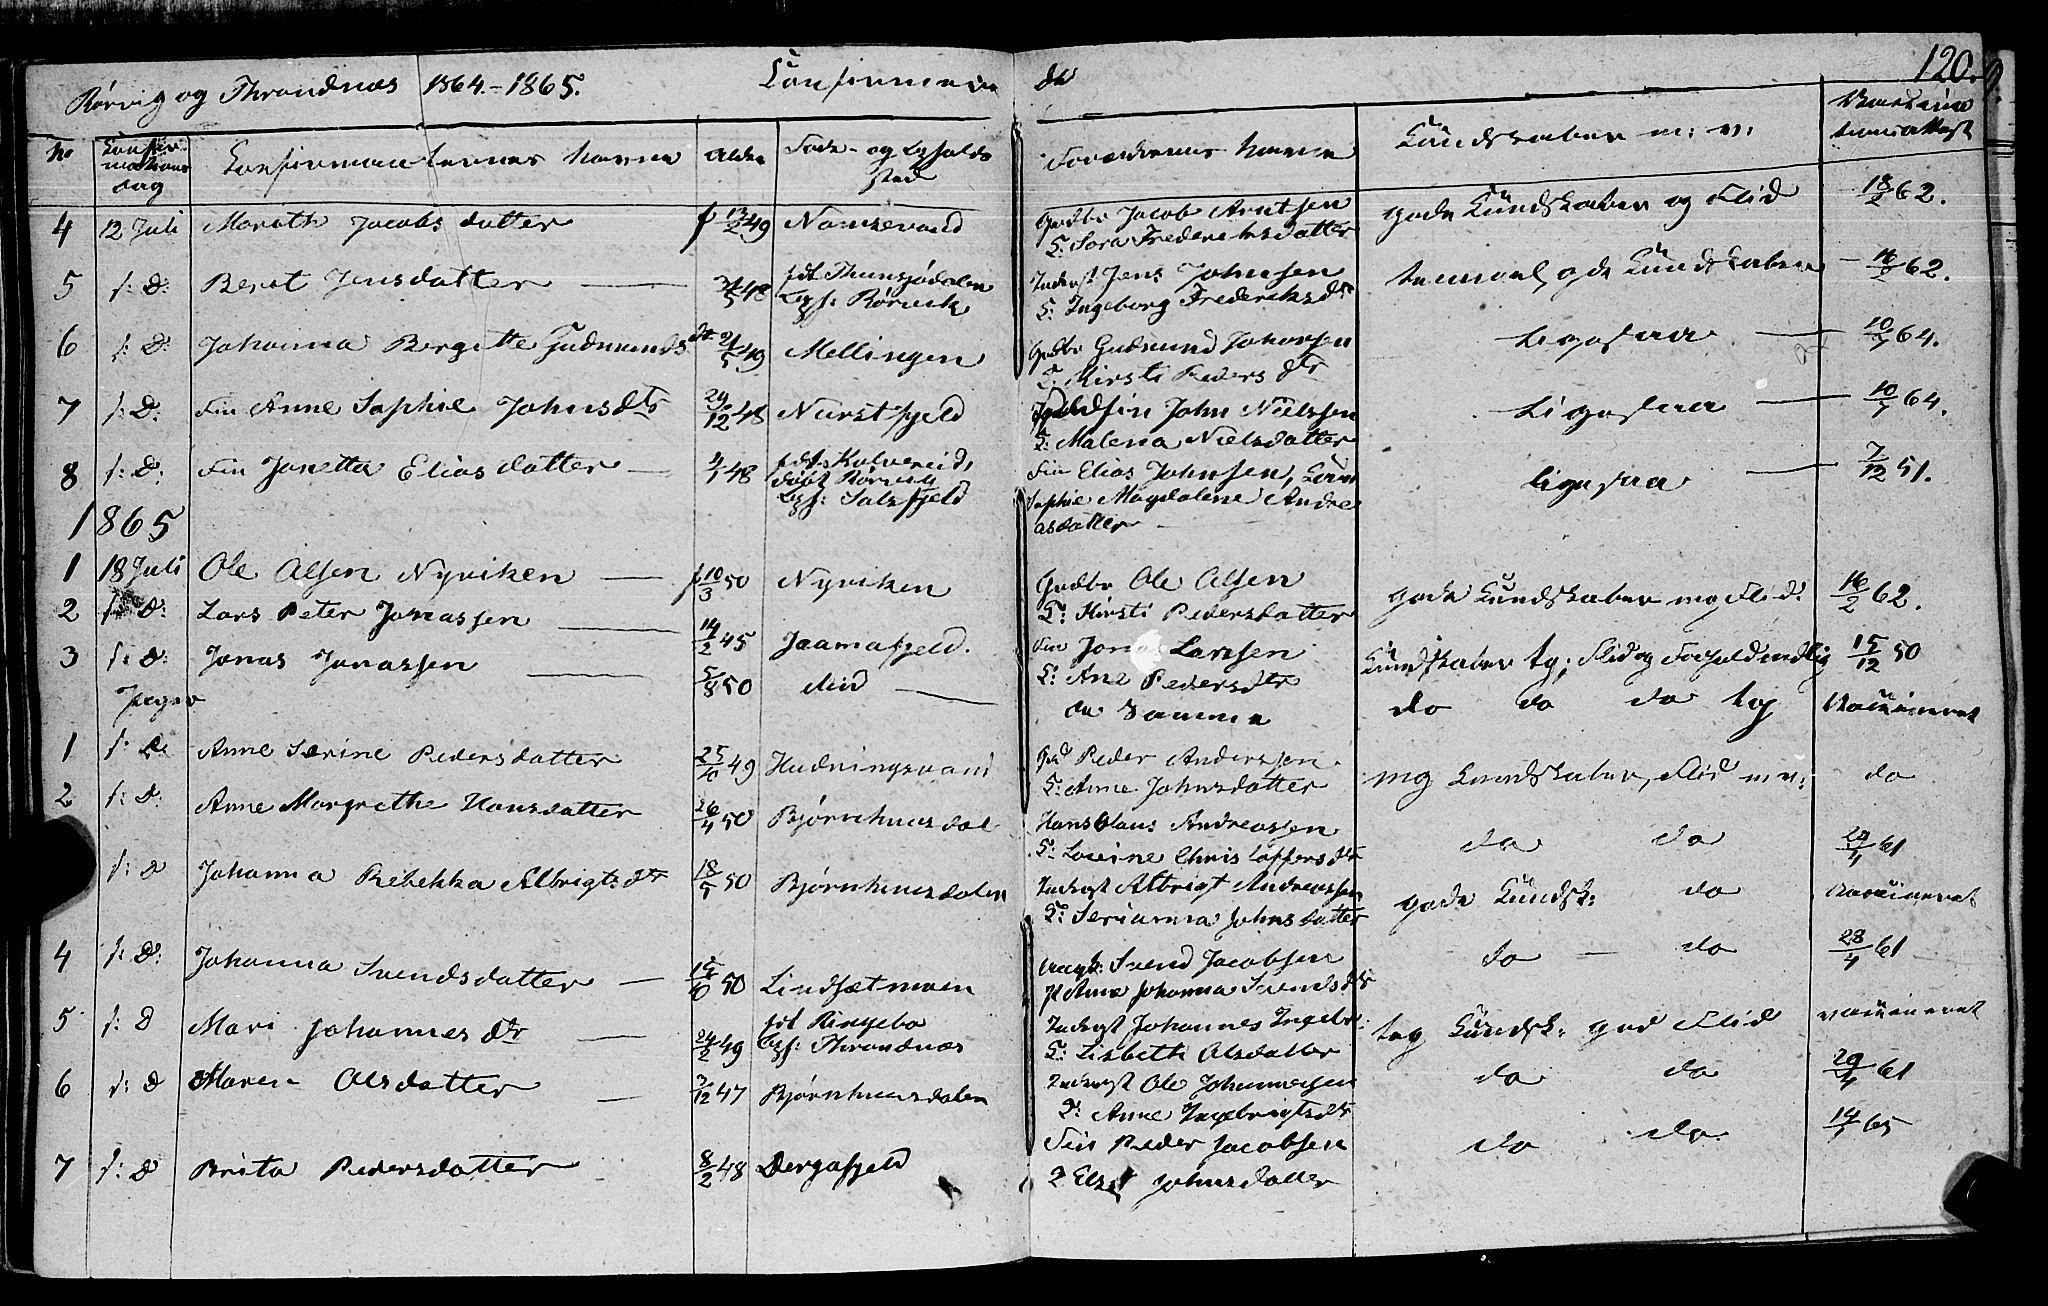 SAT, Ministerialprotokoller, klokkerbøker og fødselsregistre - Nord-Trøndelag, 762/L0538: Ministerialbok nr. 762A02 /1, 1833-1879, s. 120